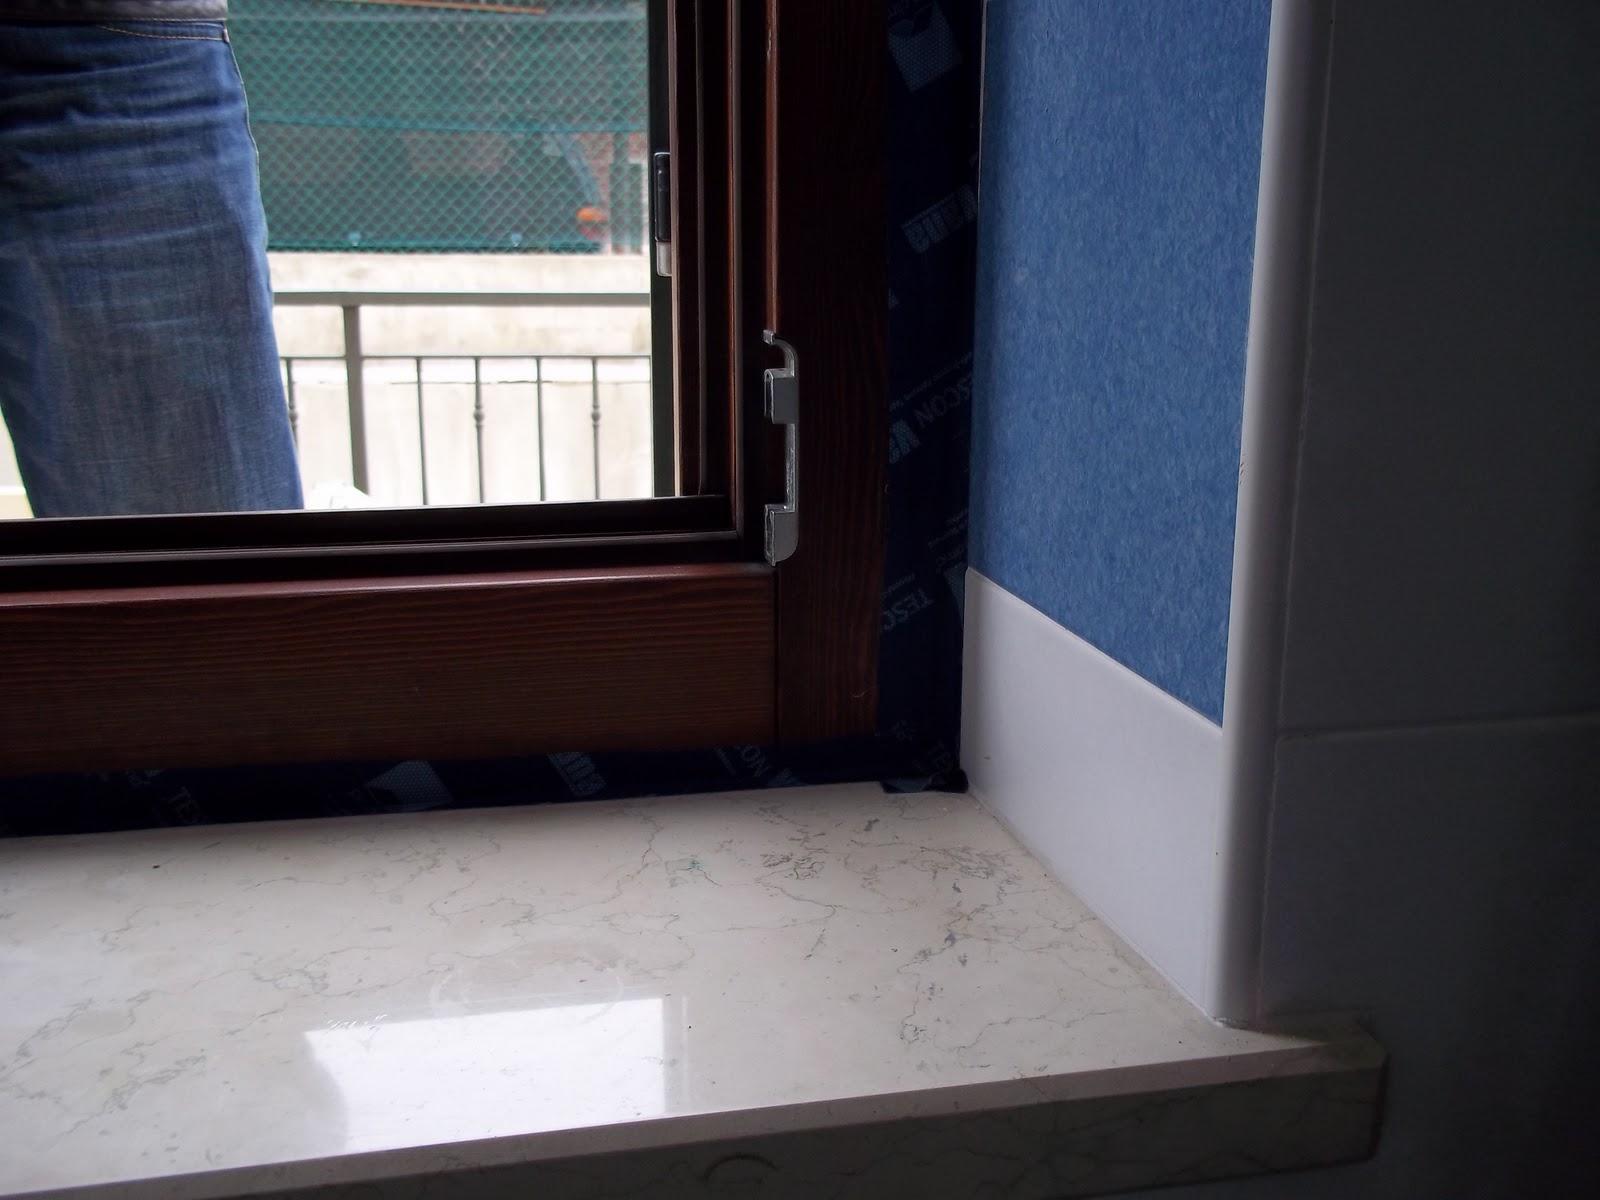 Scopri il legno riqualificazione montaggio finestra - Finestra interna ...